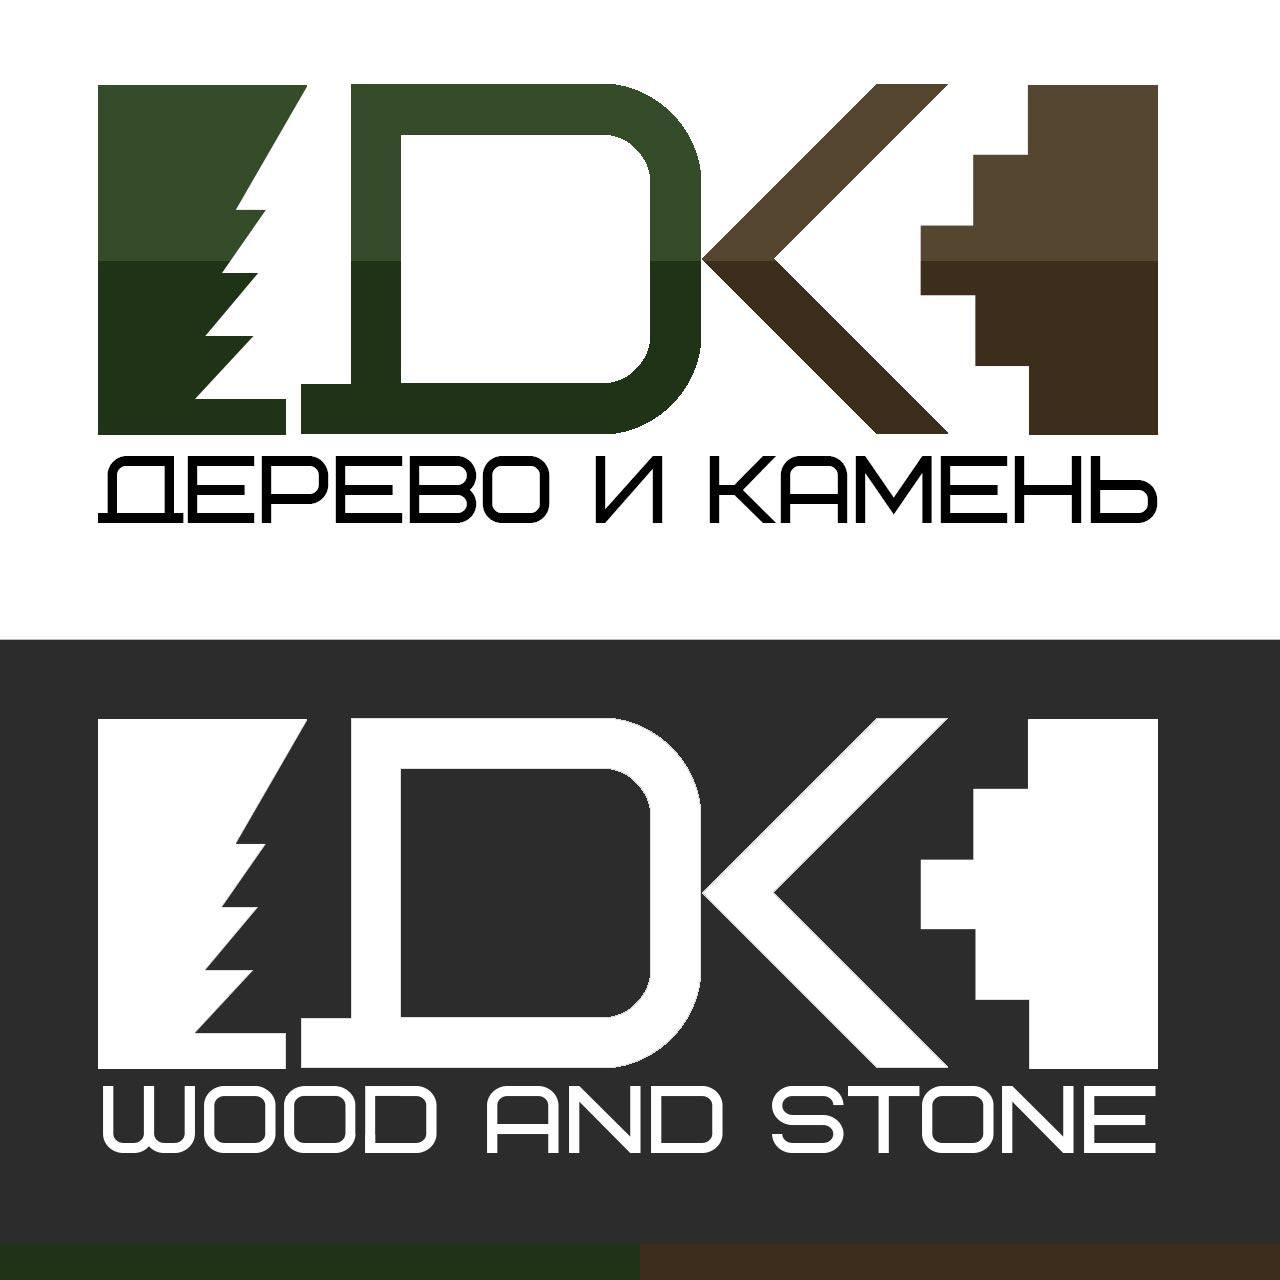 Логотип и Фирменный стиль фото f_224549c7b5e88c99.jpg